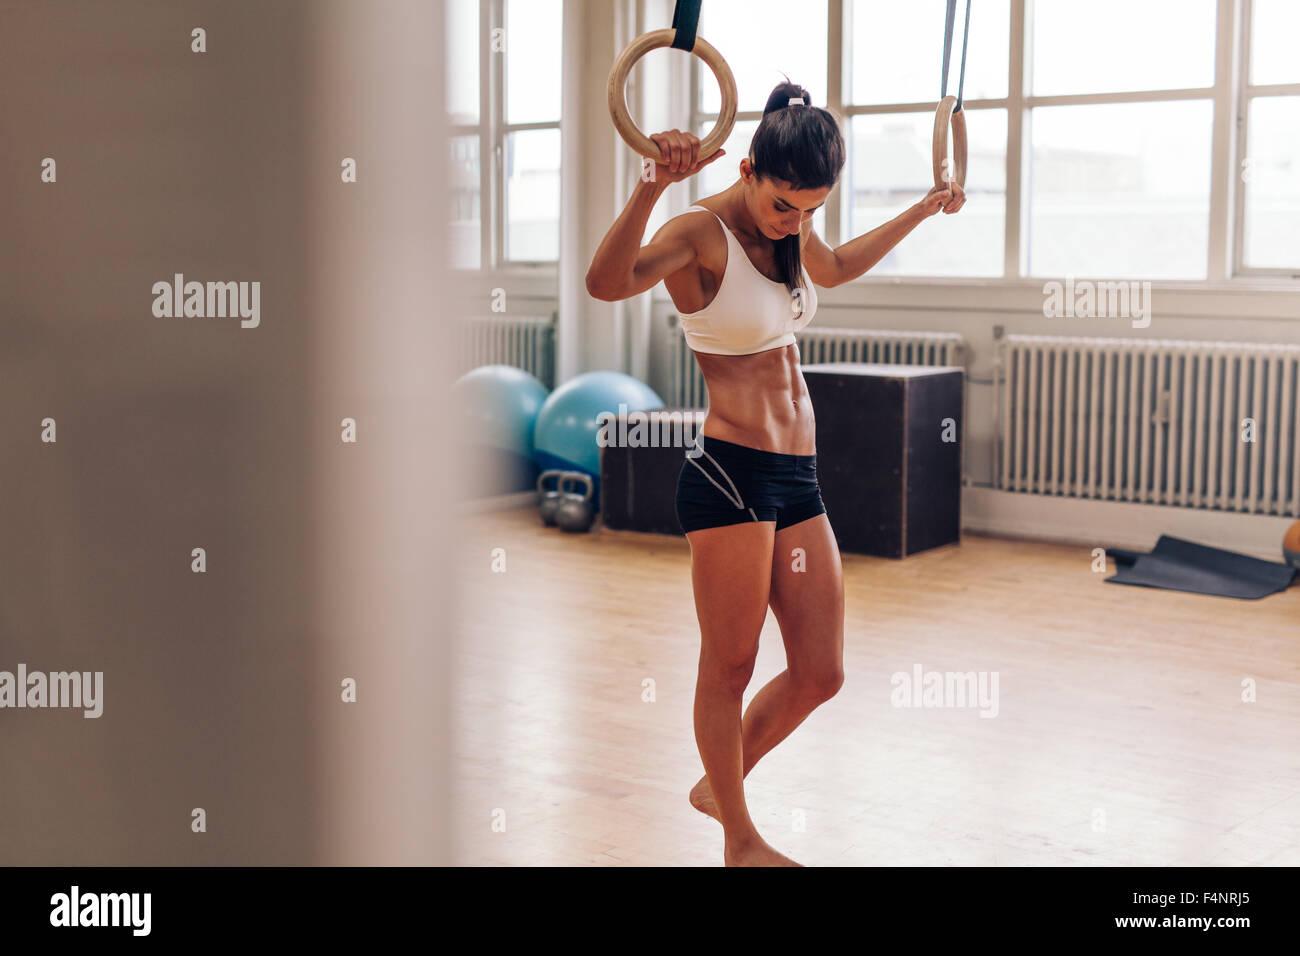 Donna muscolare rilassante dopo allenamento in palestra. Donna Fitness tenendo break da immersione esercizio. Crossfit Immagini Stock